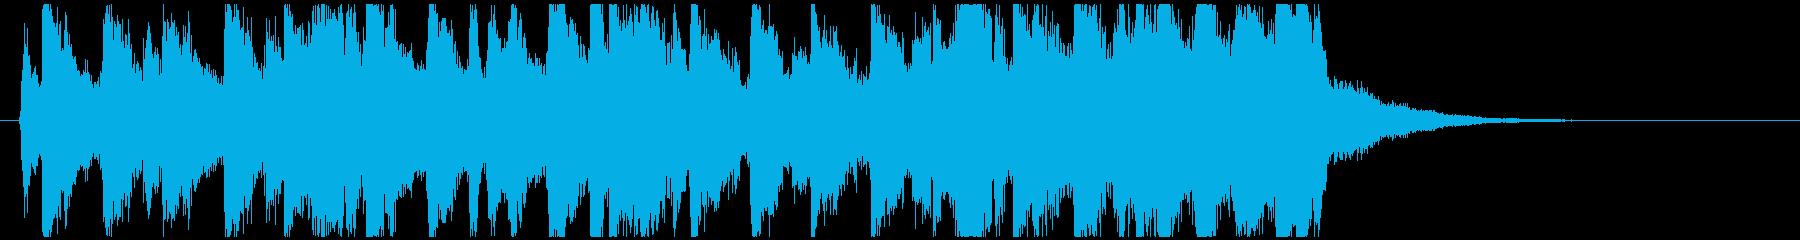 不穏で緊迫感あるスリリングなタンゴBGMの再生済みの波形